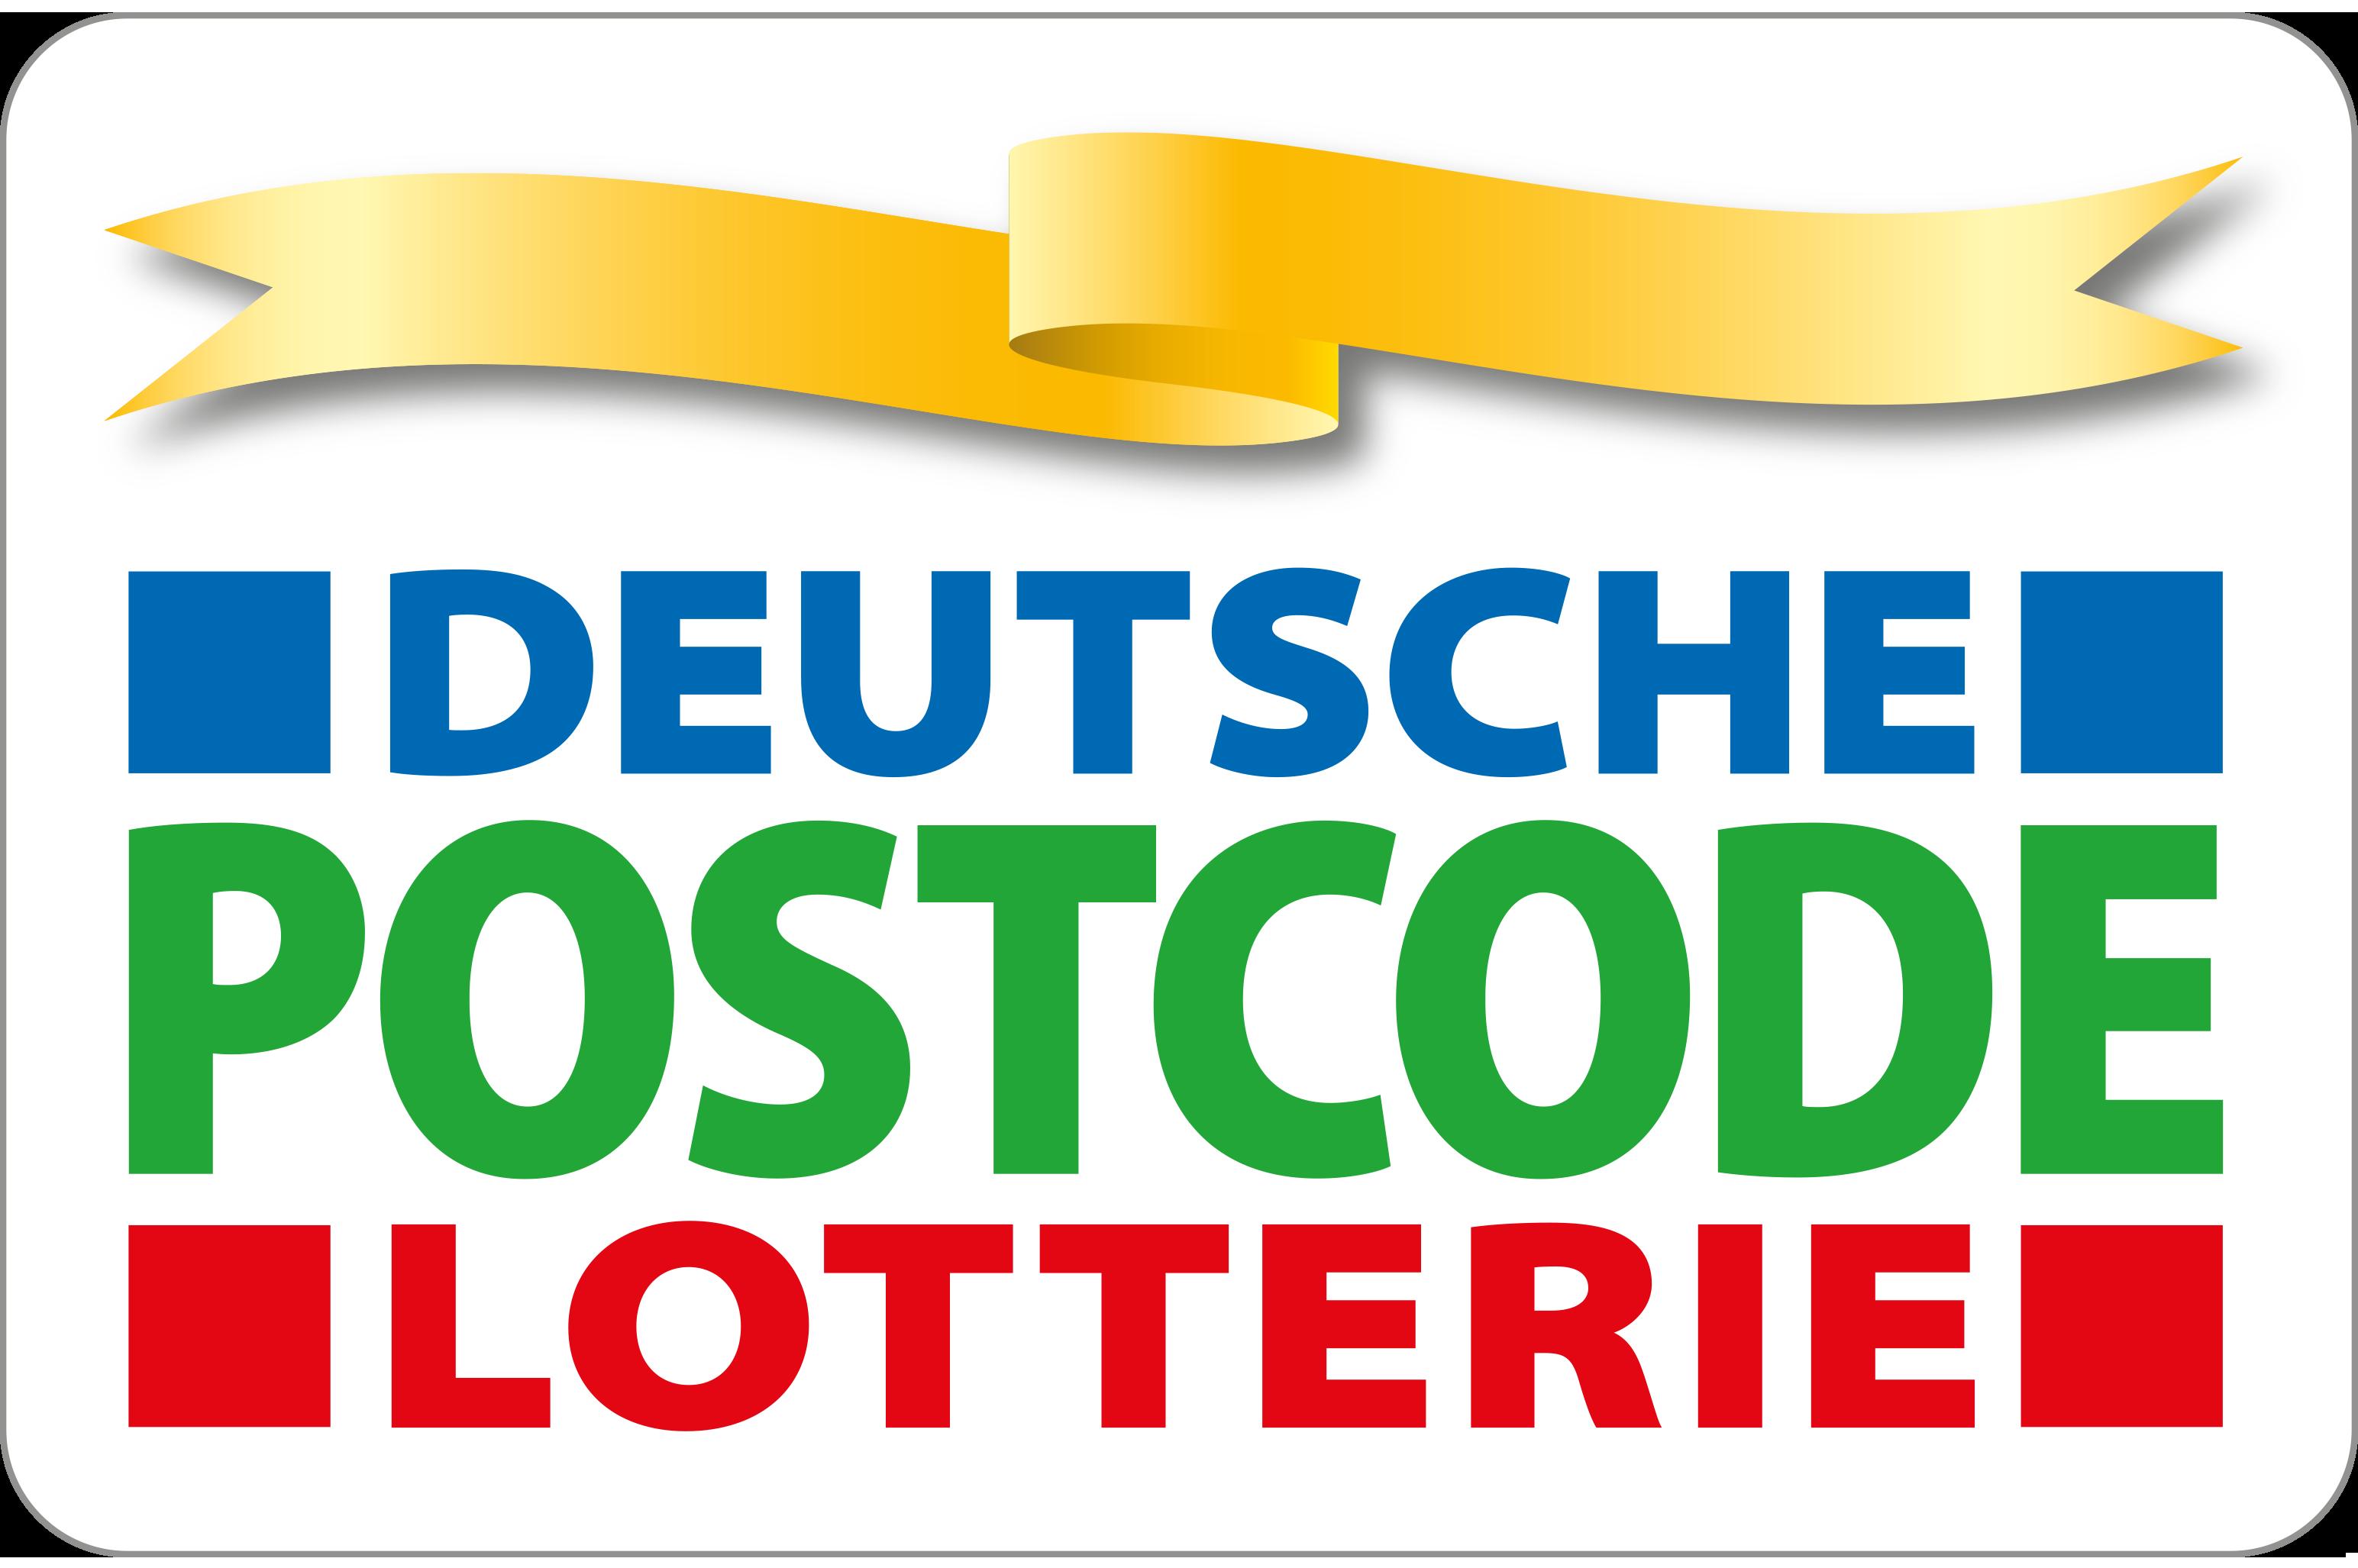 Spende Deutsche Postcode Lotterie